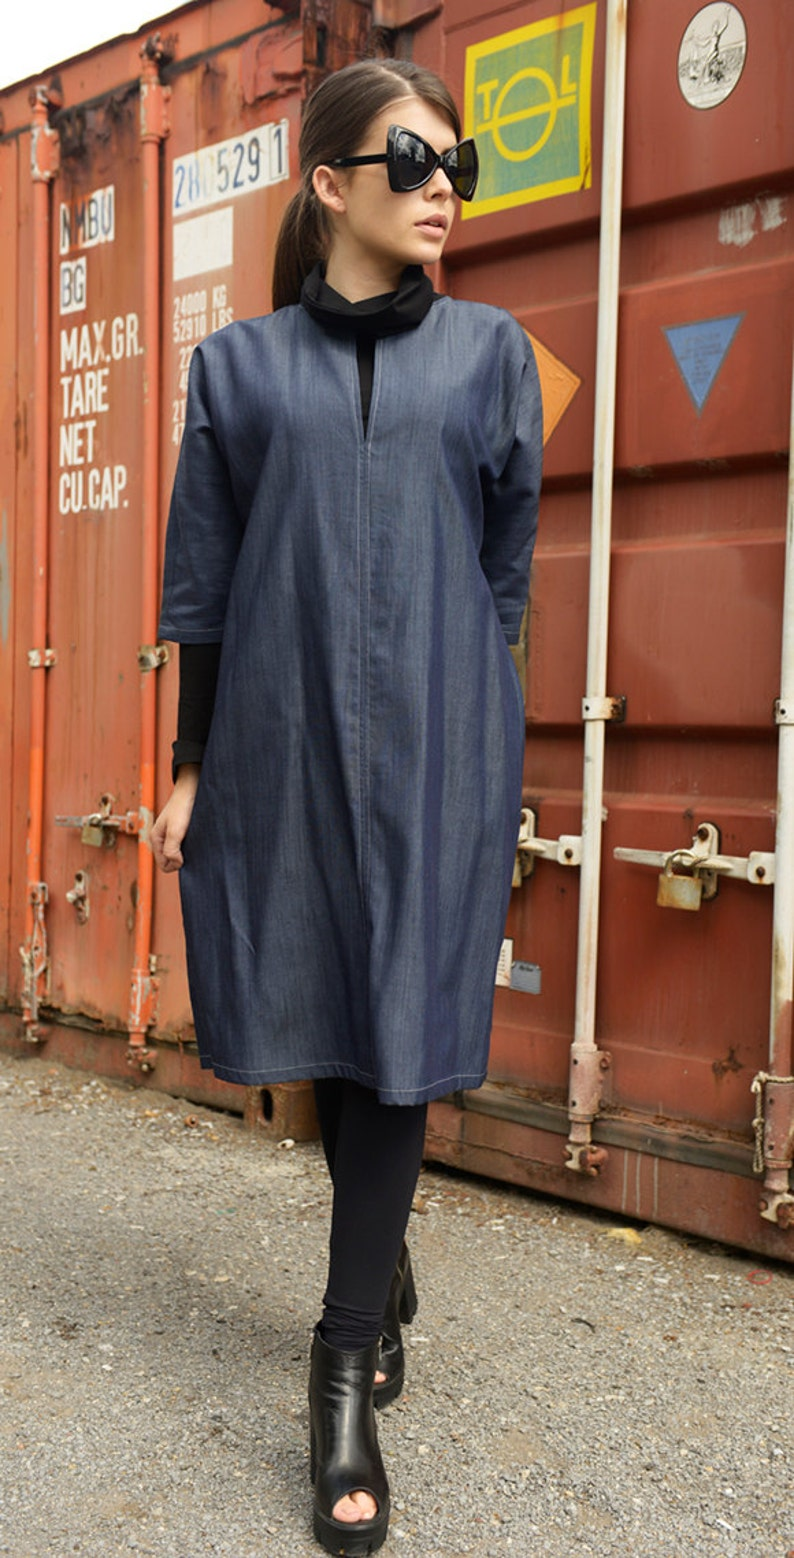 aab78f0039b Long Loose Denim Dress   Denim Casual Tunic   Maxi Blue Dress